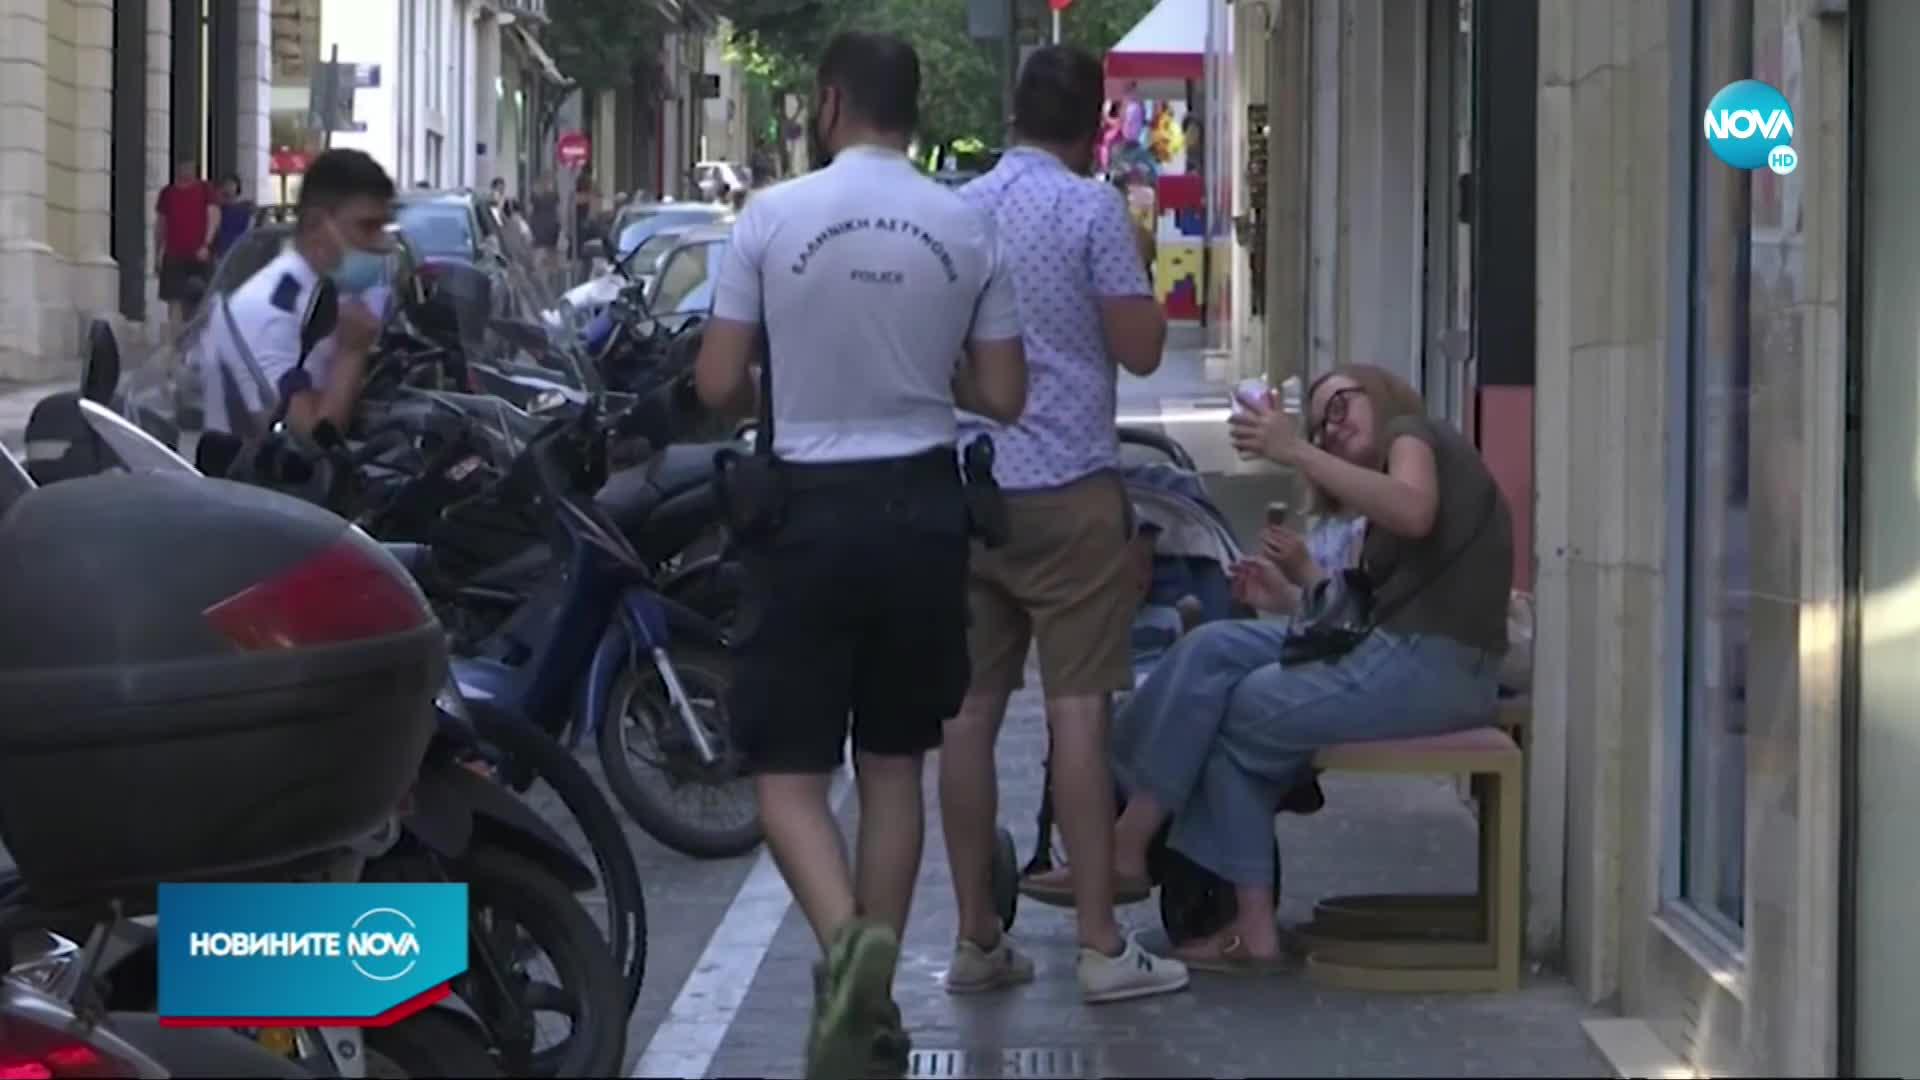 Гърция регистрира рекорден брой новозаразени с COVID-19 за денонощие